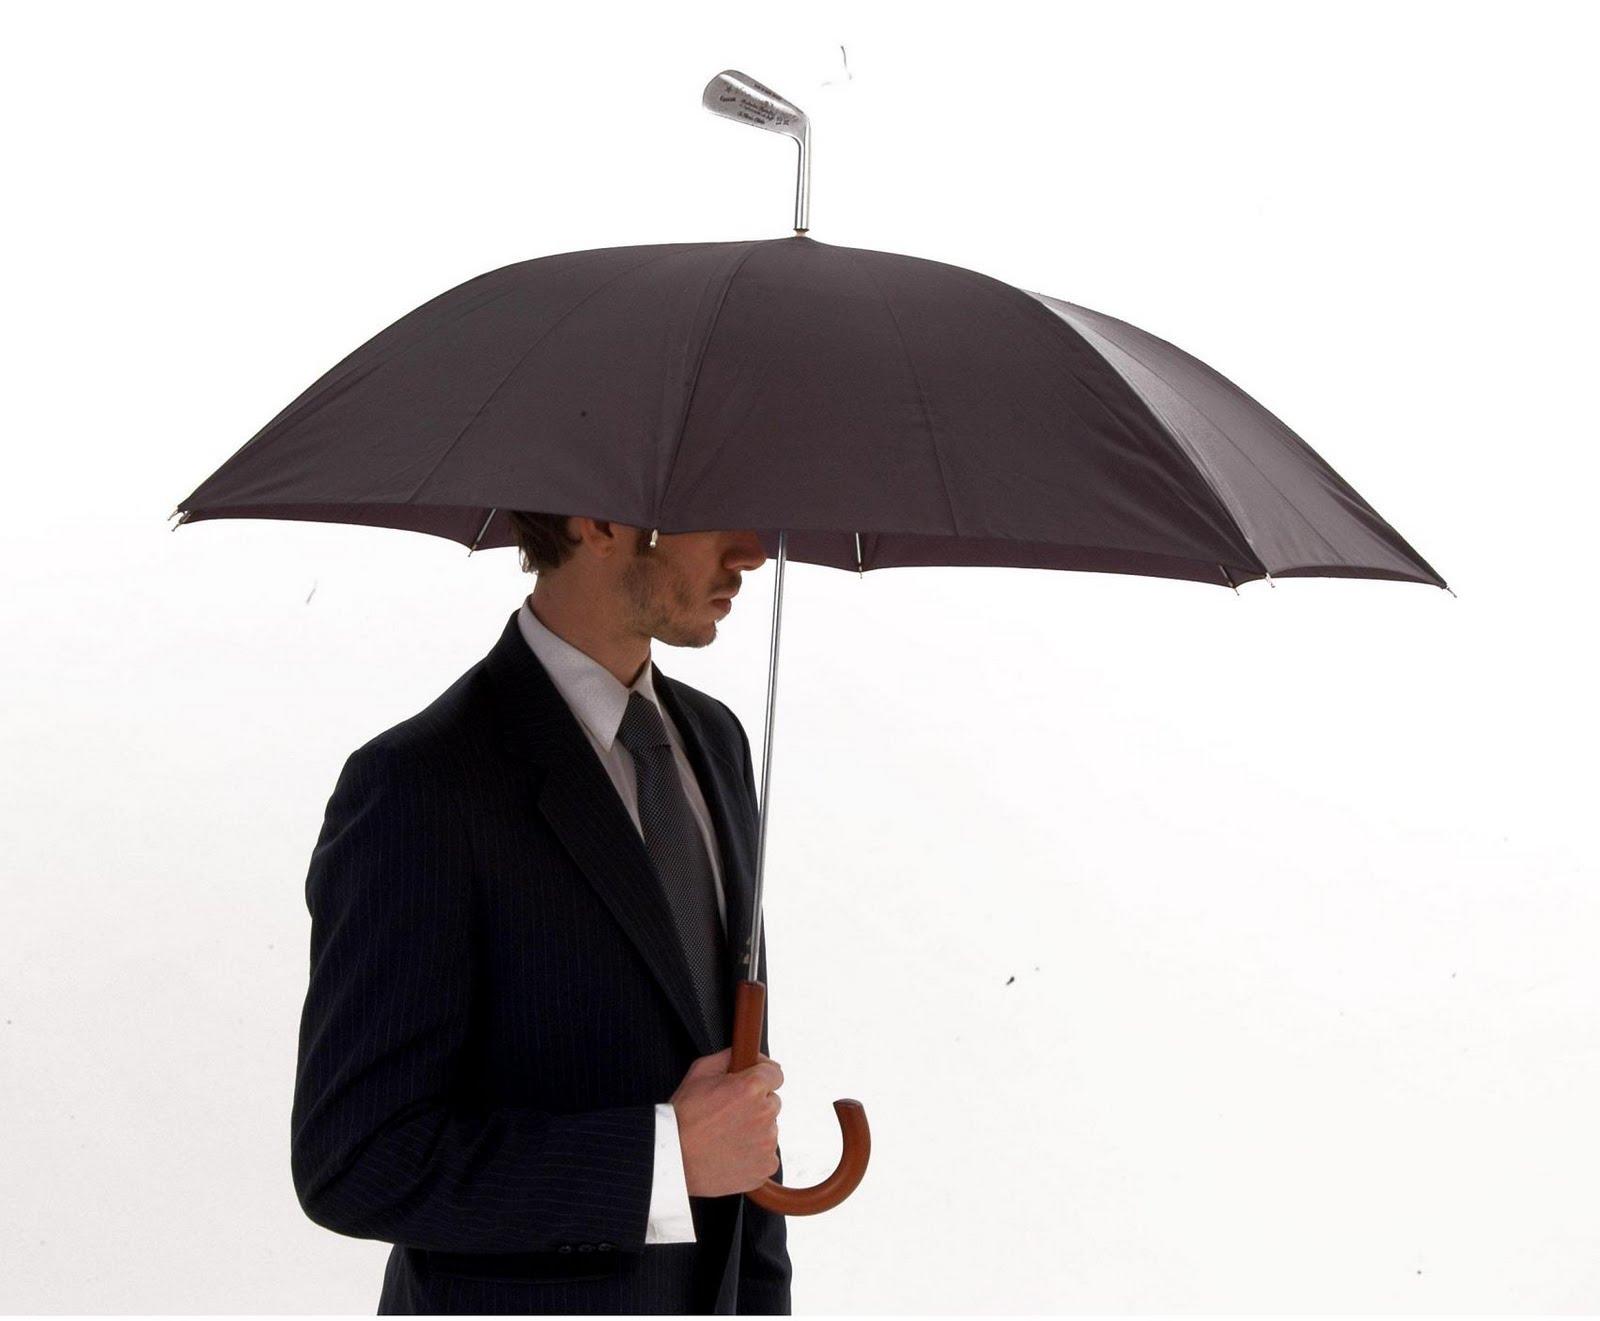 15 Stylish Umbrellas and Unique Umbrella Designs - Part 5.